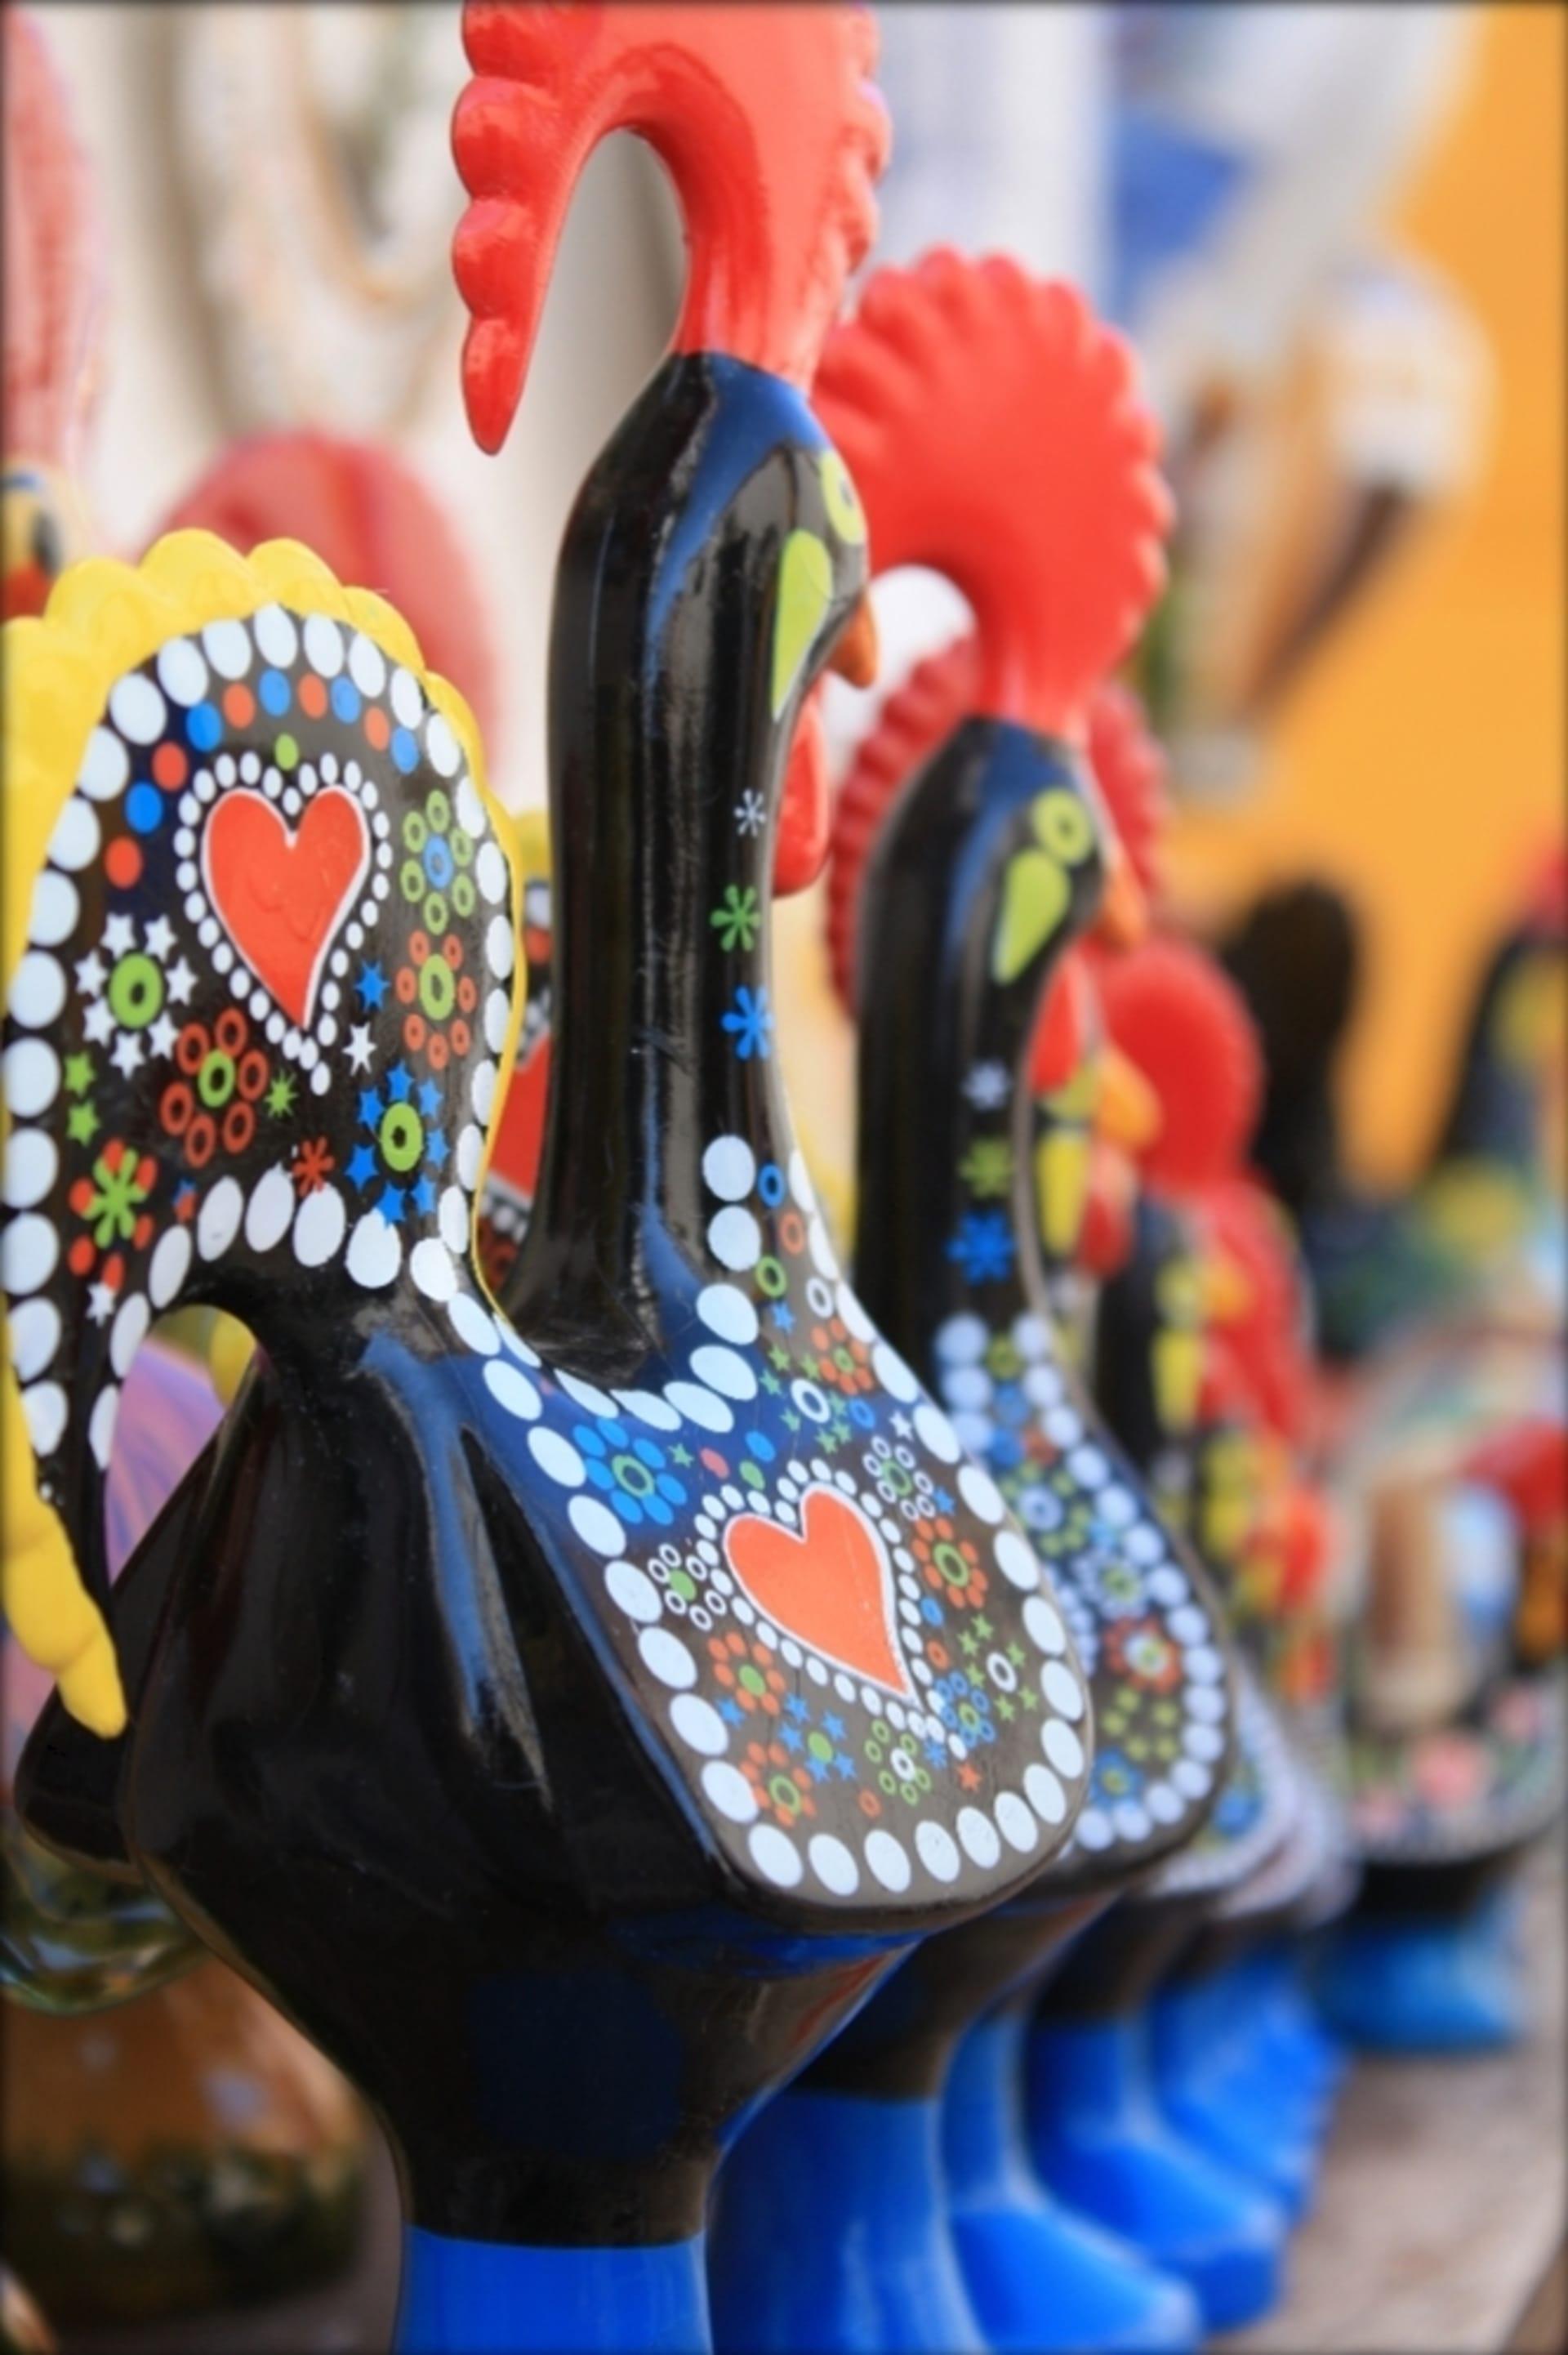 Imagem: Souvenir galo de Barcelos com pintura artesanal. As cores predominantes geralmente são preto, vermelho, amarelo e azul.